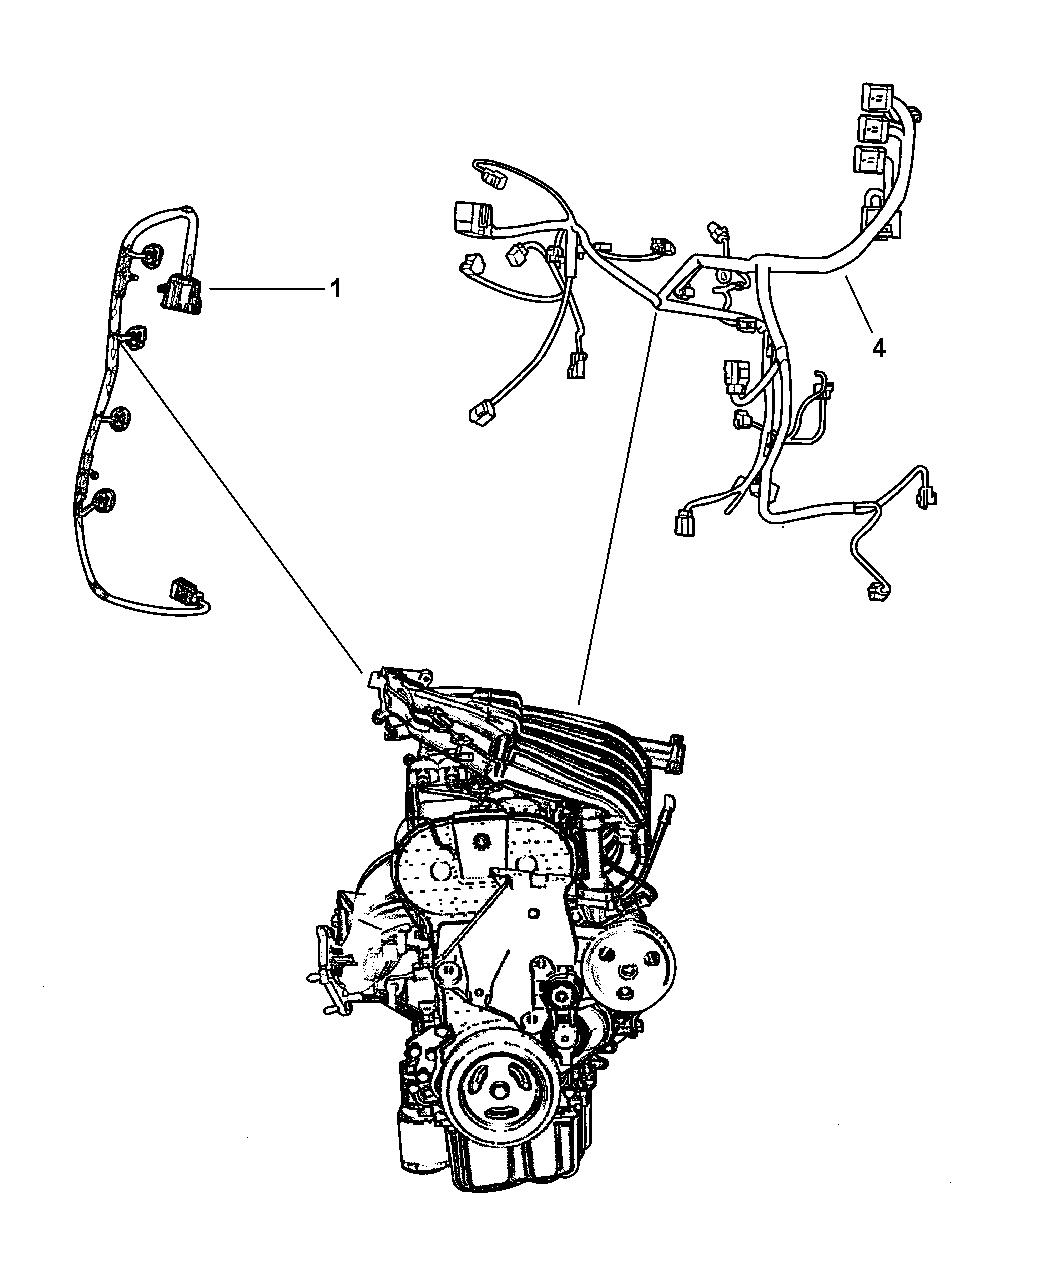 5135800AA - Genuine Mopar WIRING